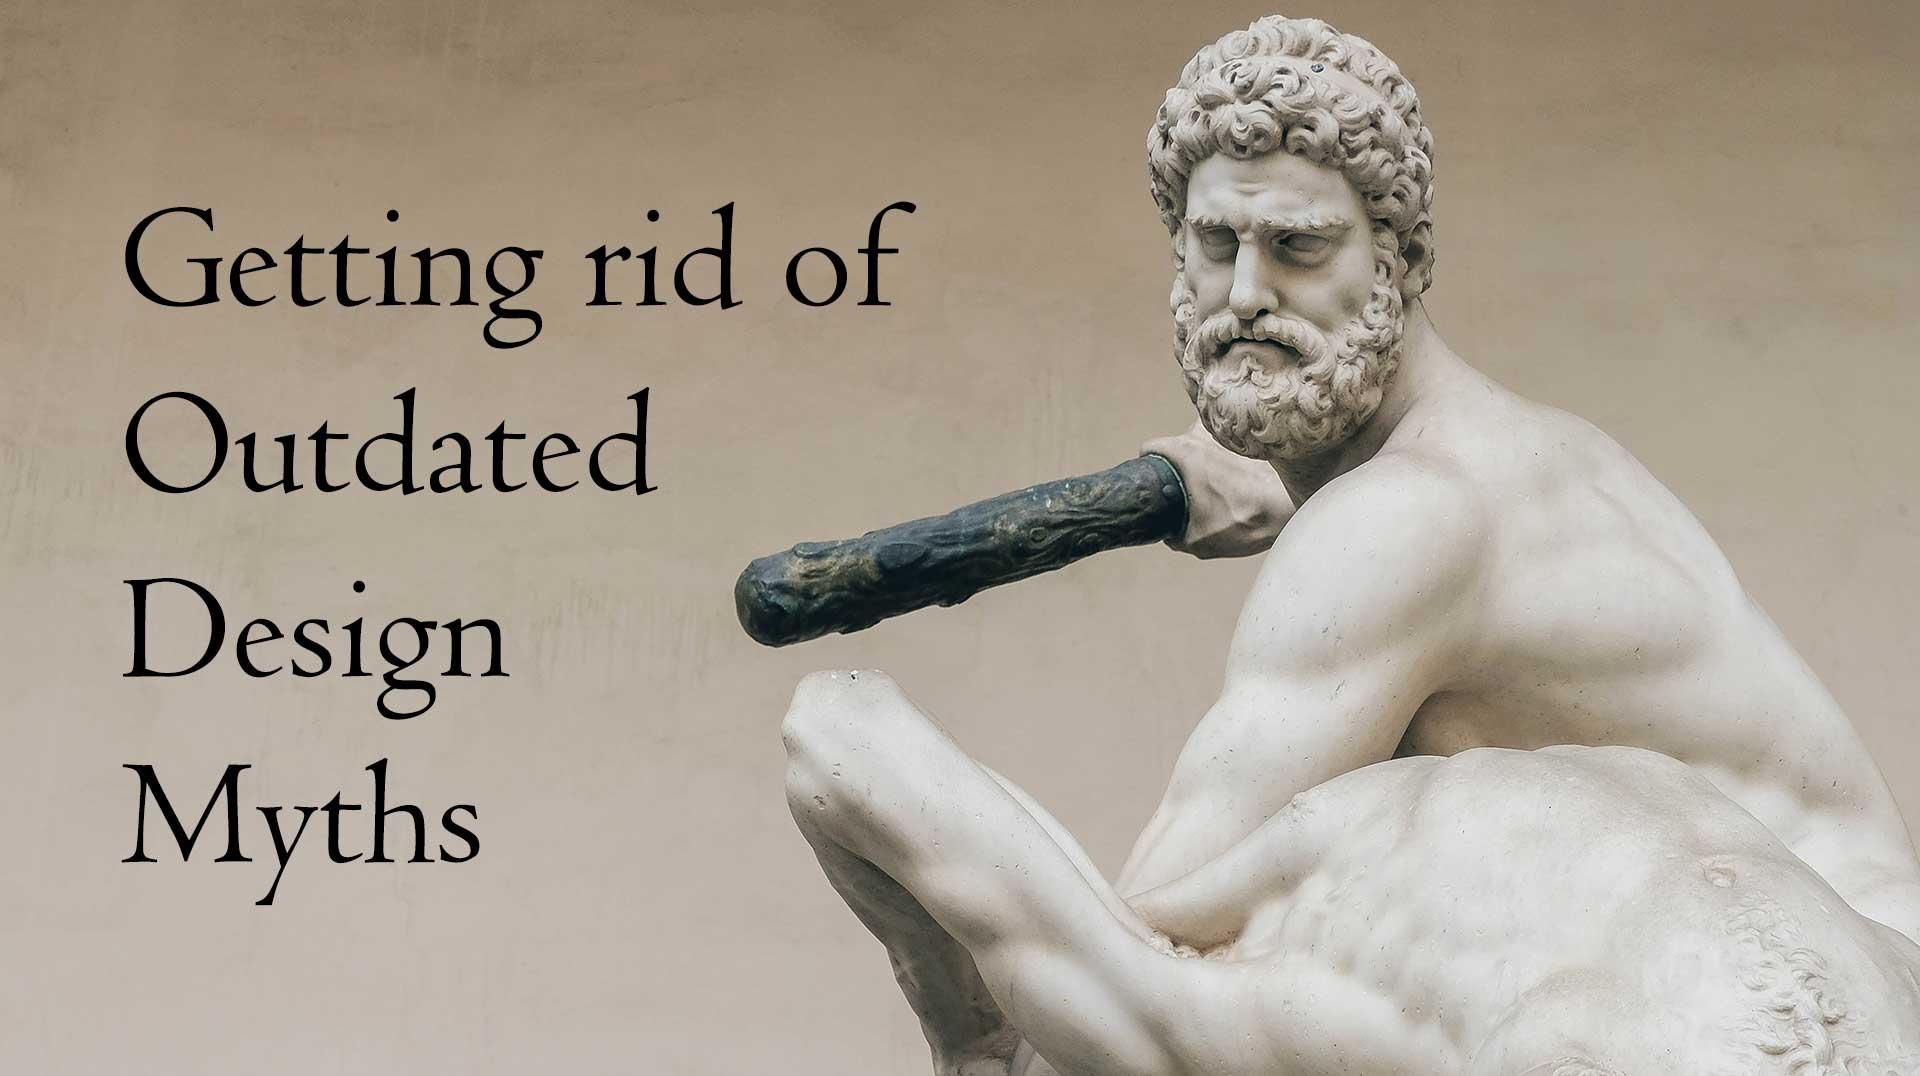 design myths